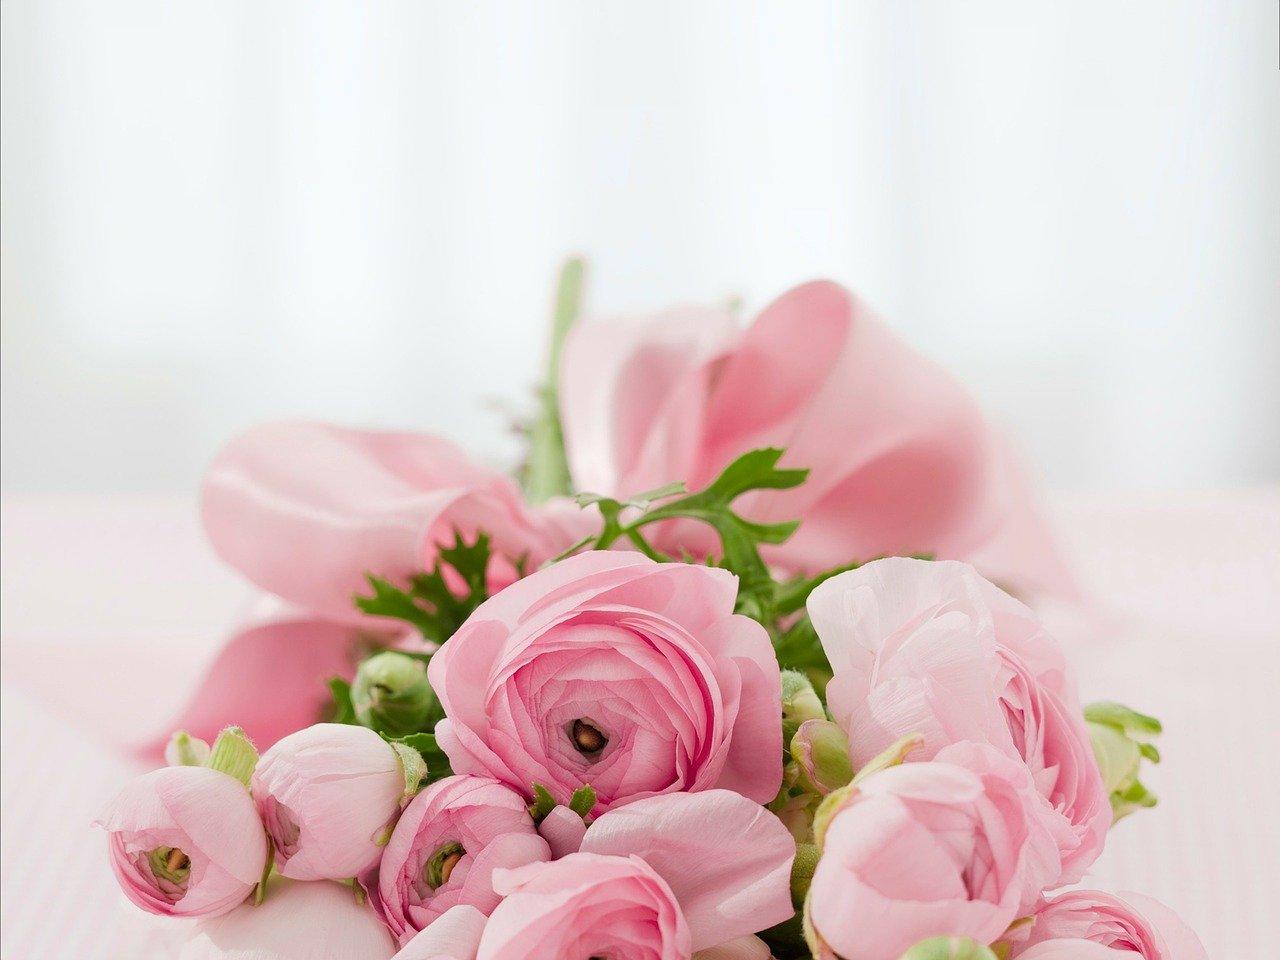 bouquet-142876_1280